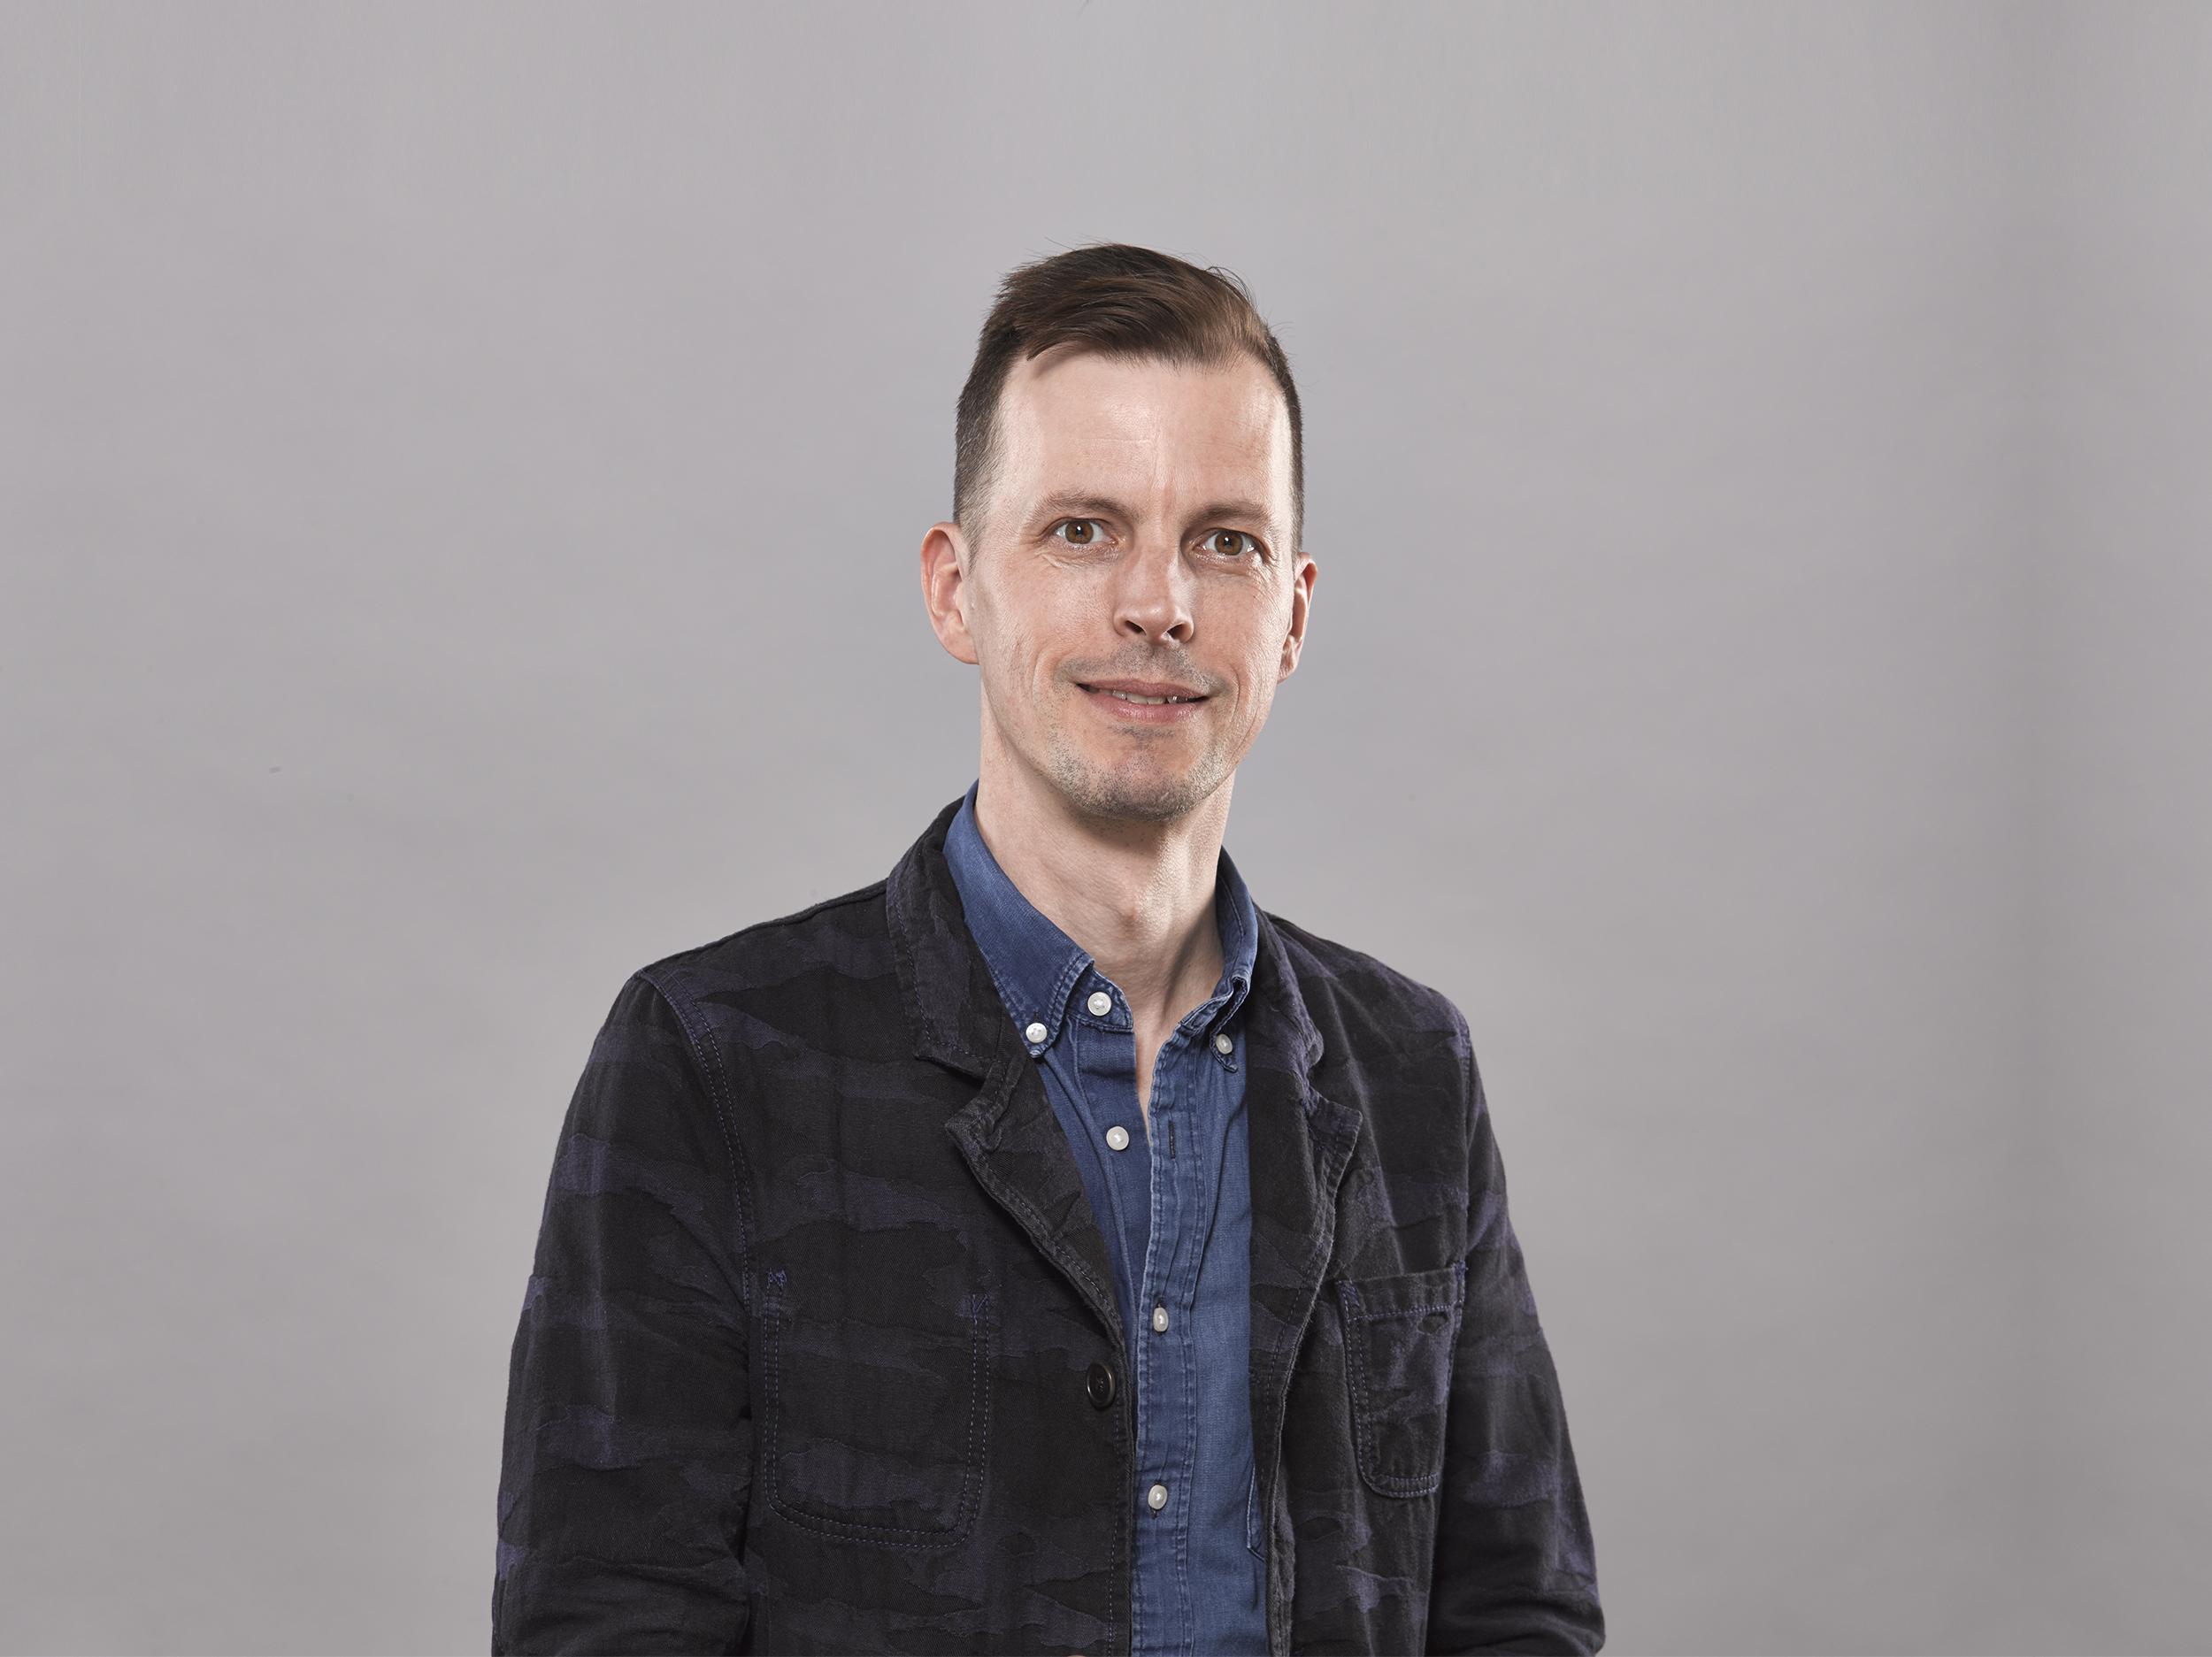 Prof. Bernd Diemer